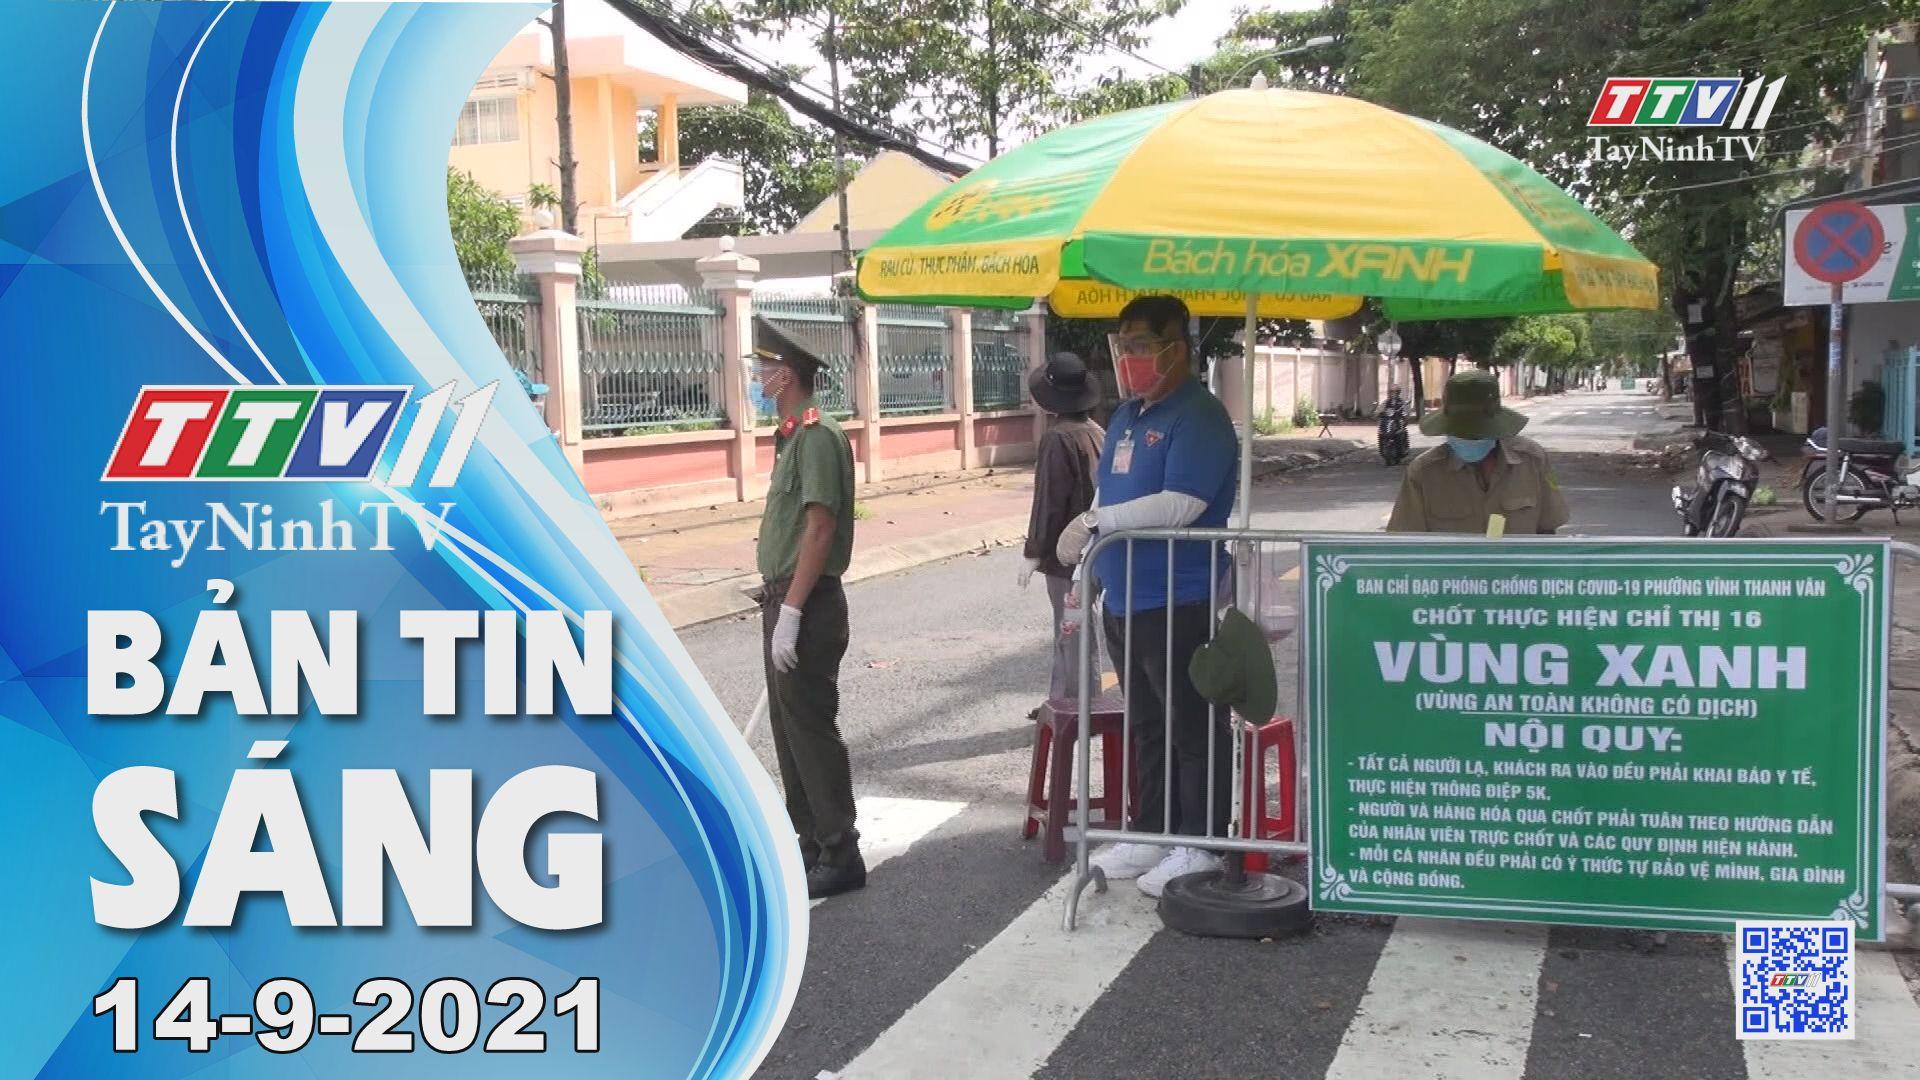 Bản tin sáng 14-9-2021 | Tin tức hôm nay | TayNinhTV